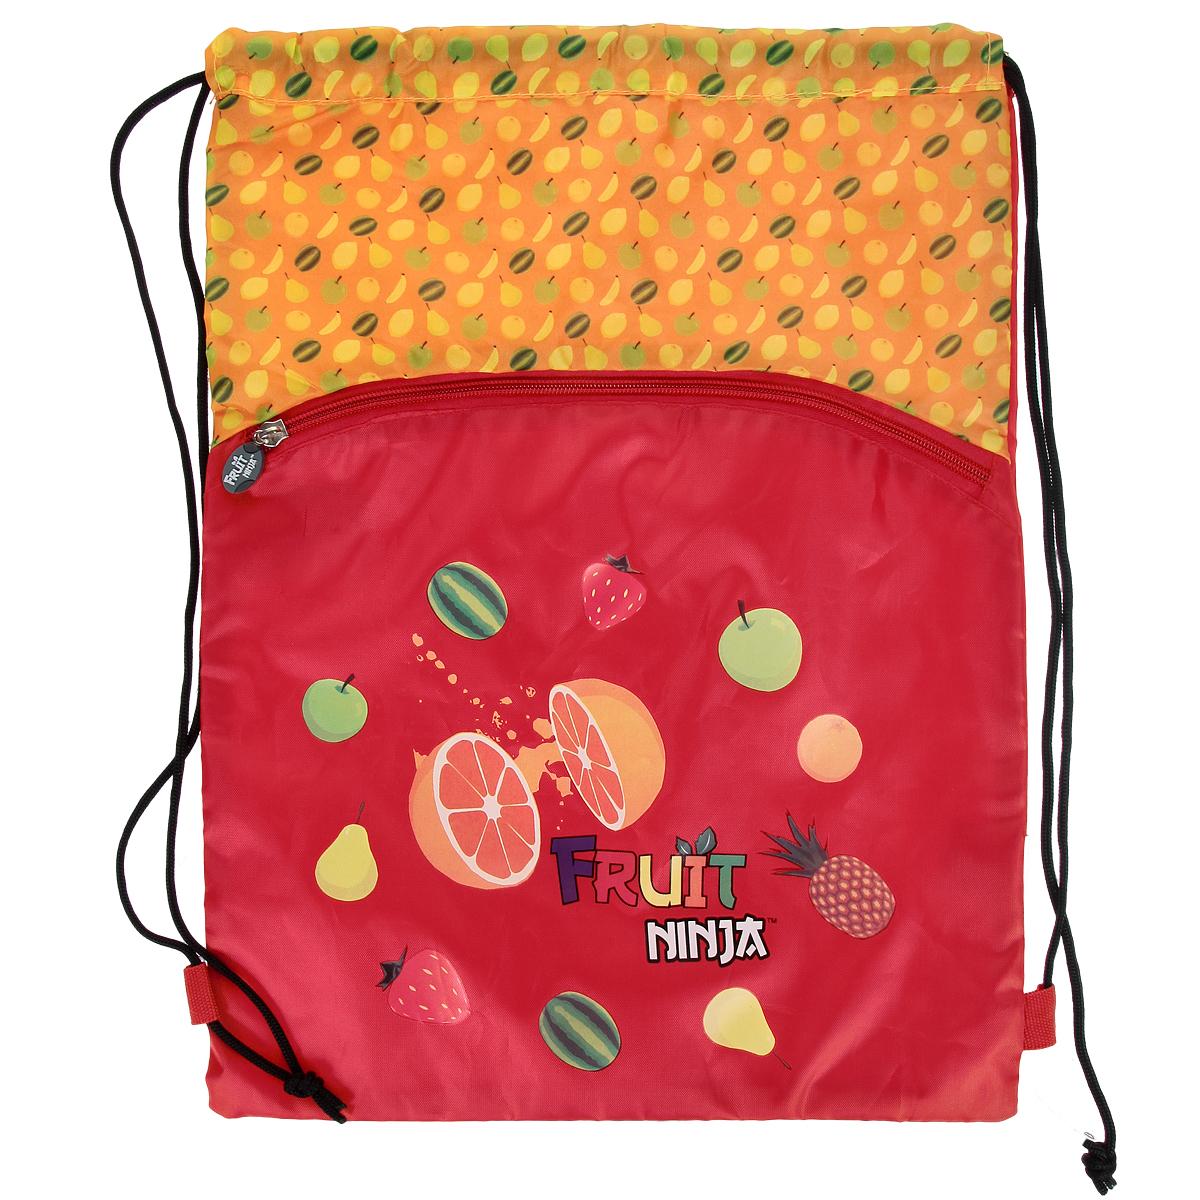 Сумка для сменной обуви Action! Fruit Ninja, цвет: красный, оранжевый. FN-ASS4306/2FN-ASS4306/2Сумку Action! Action! Fruit Ninja удобно использовать как для хранения, так и для переноски сменной обуви. Она выполнена из прочного полиэстера и оформлена декоративными термоаппликациями. На лицевой стороне расположен большой внешний карман на застежке-молнии. Бегунок дополнен удобным прорезиненным держателем.Сумка затягивается сверху при помощи текстильных шнурков. Шнурки фиксируются в нижней части сумки, благодаря чему ее можно носить за спиной как рюкзак.